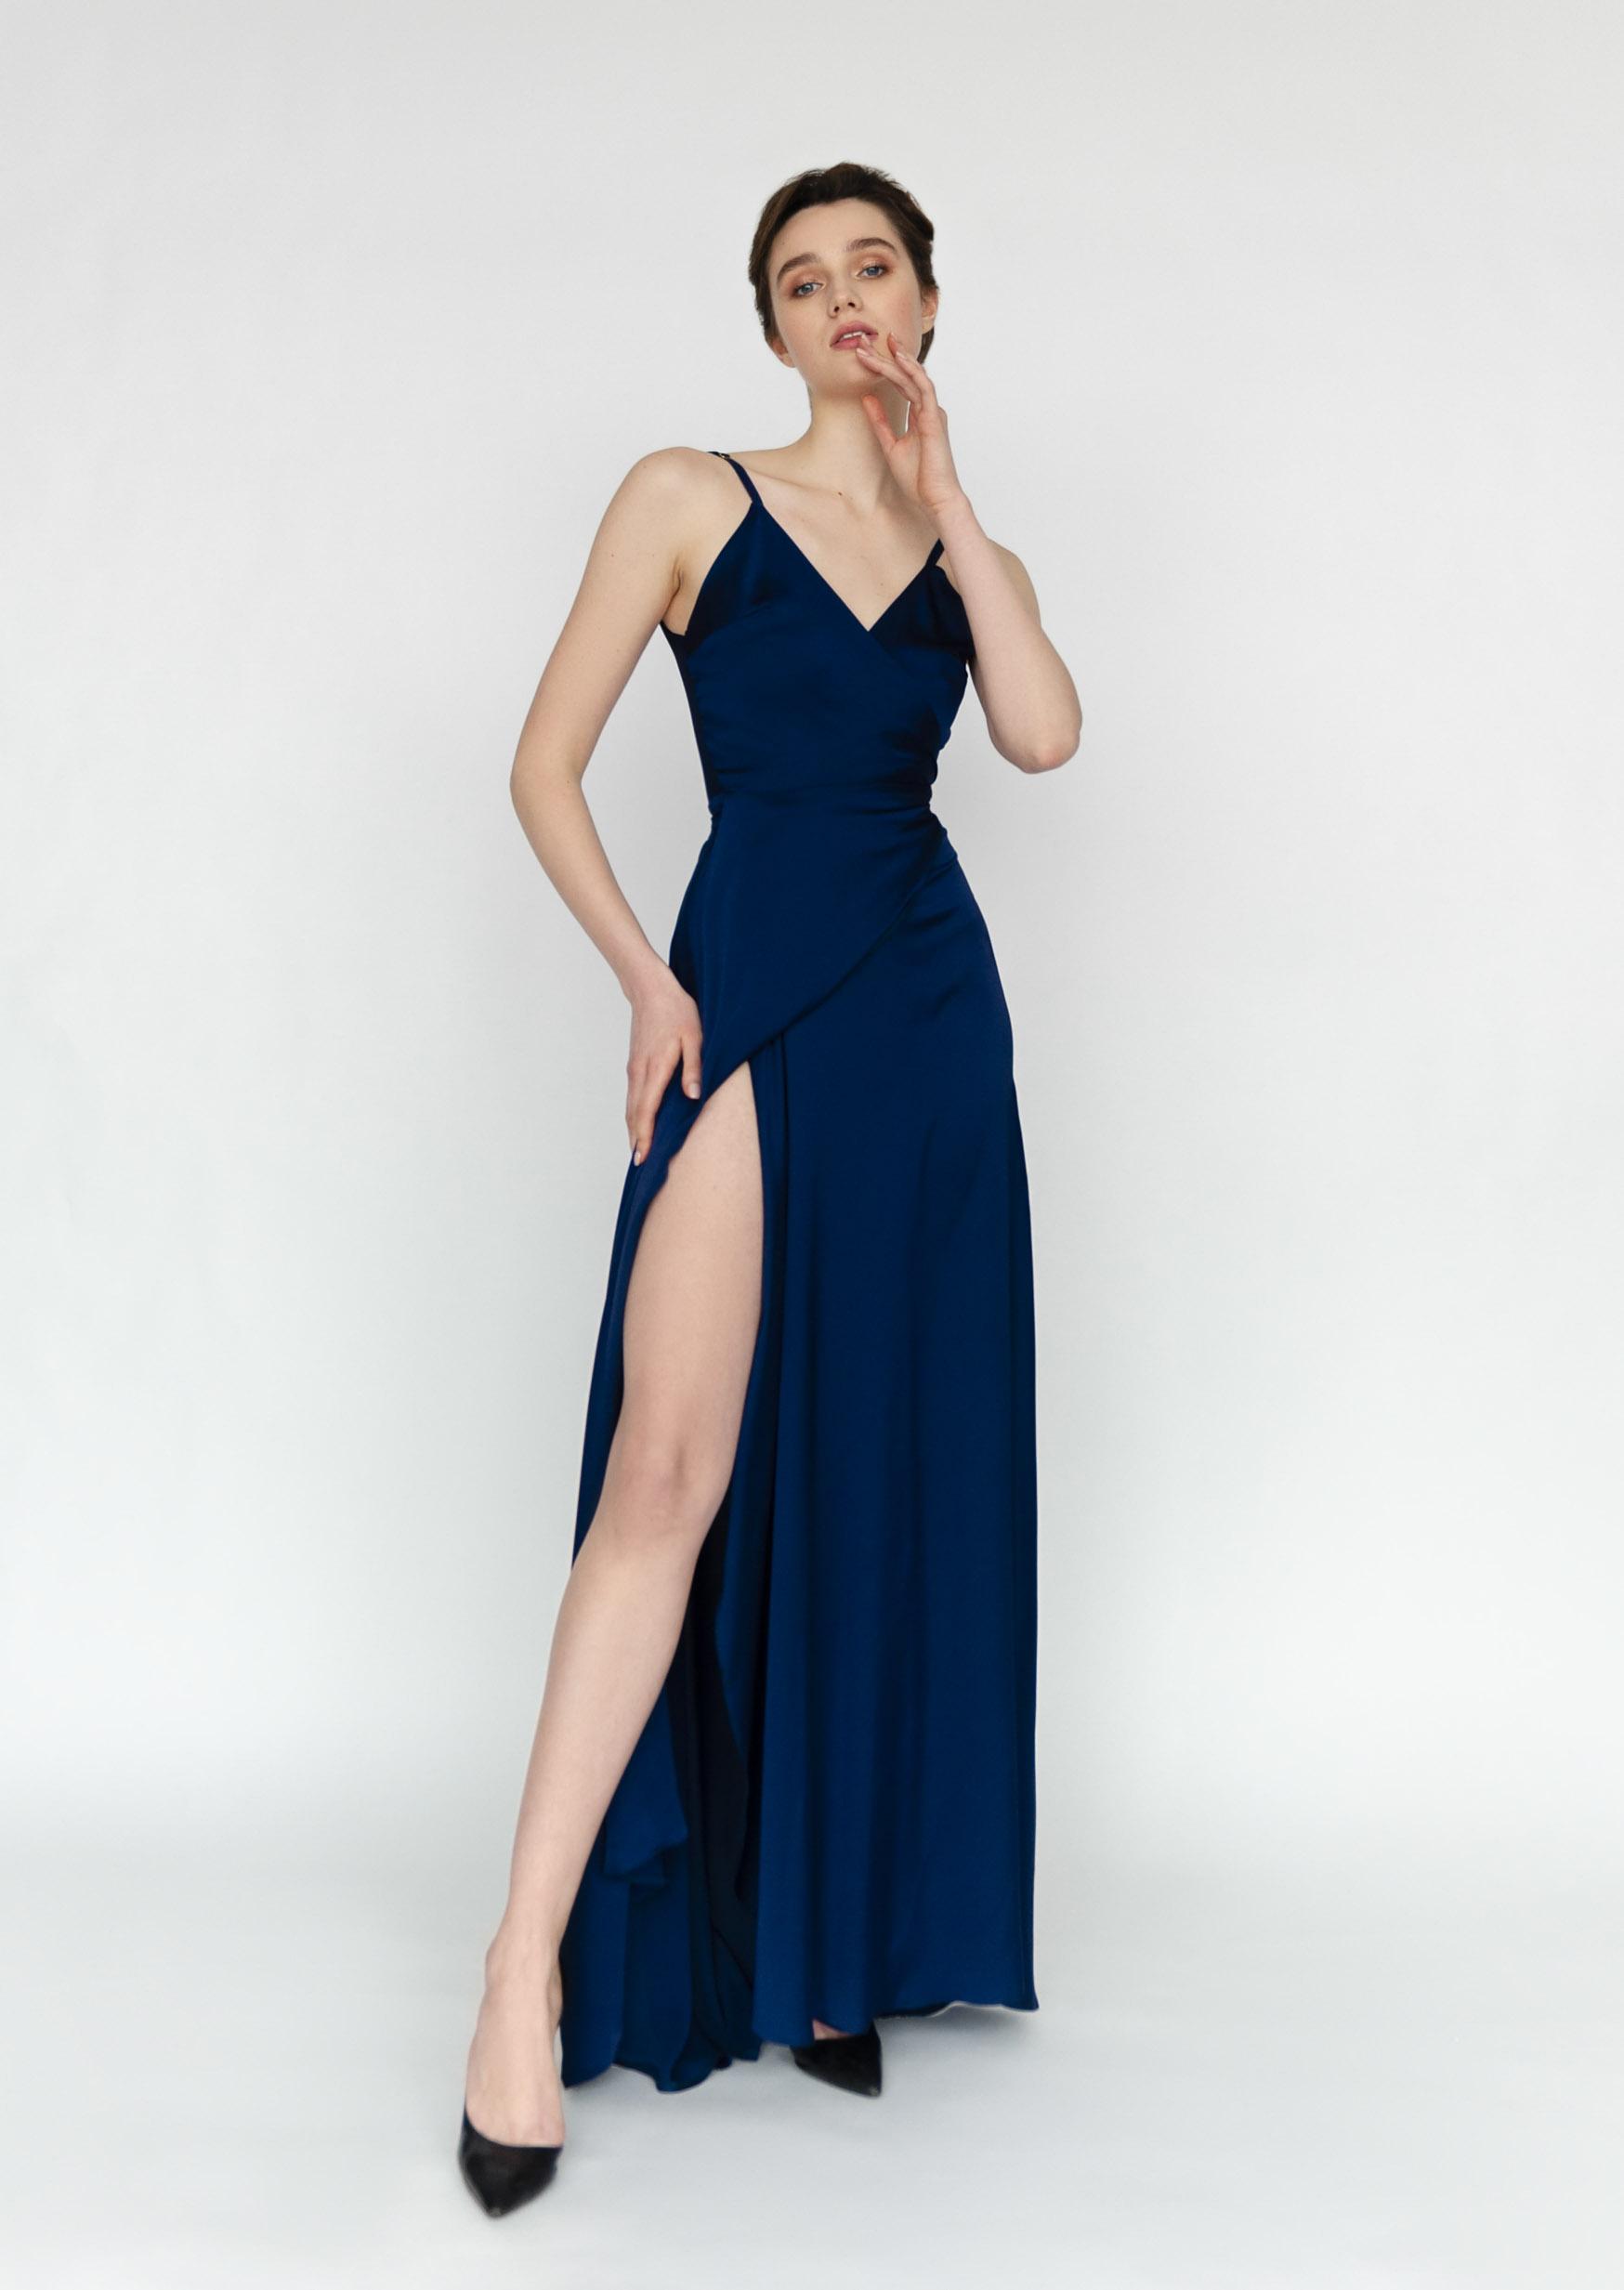 Midnight sky dress long asymetrical silk slip dress blue deep neckline grecian goddess dress